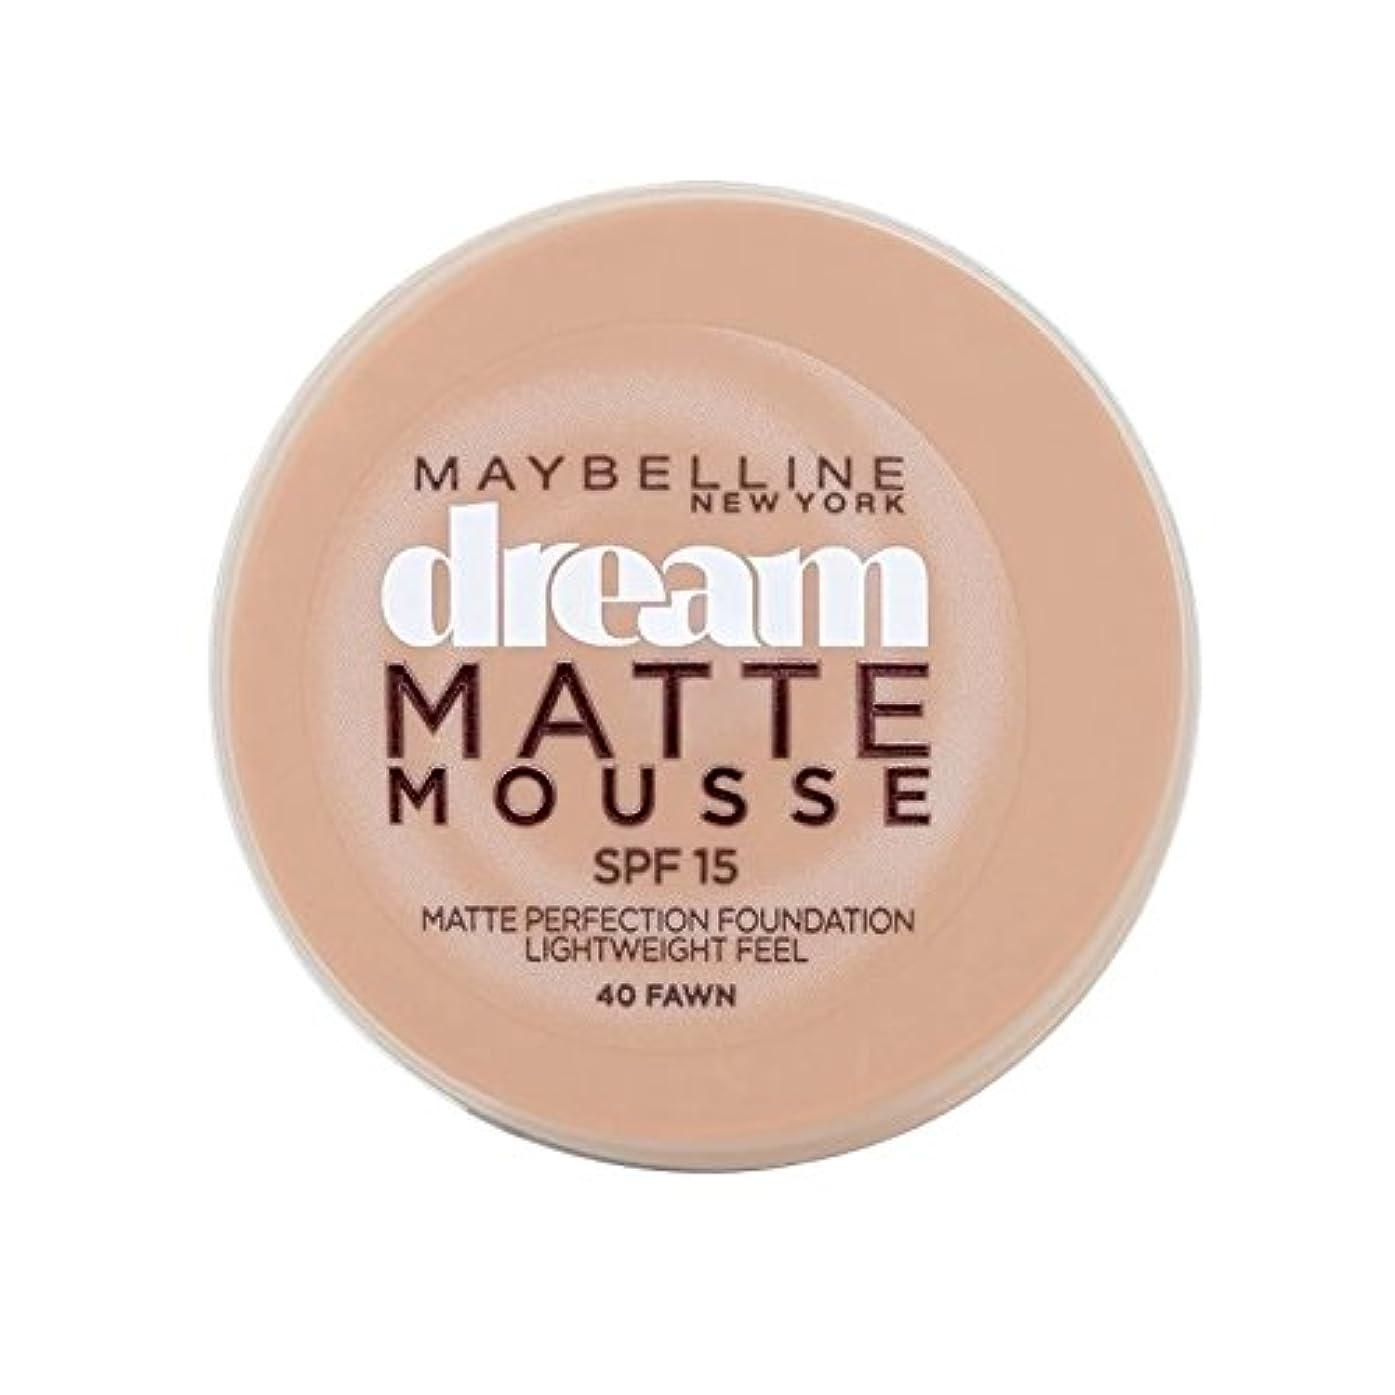 飼料ファンド狂ったMaybelline Dream Matte Mousse Foundation 40 Fawn 10ml (Pack of 6) - メイベリン夢のマットムース土台40子鹿の10ミリリットル x6 [並行輸入品]